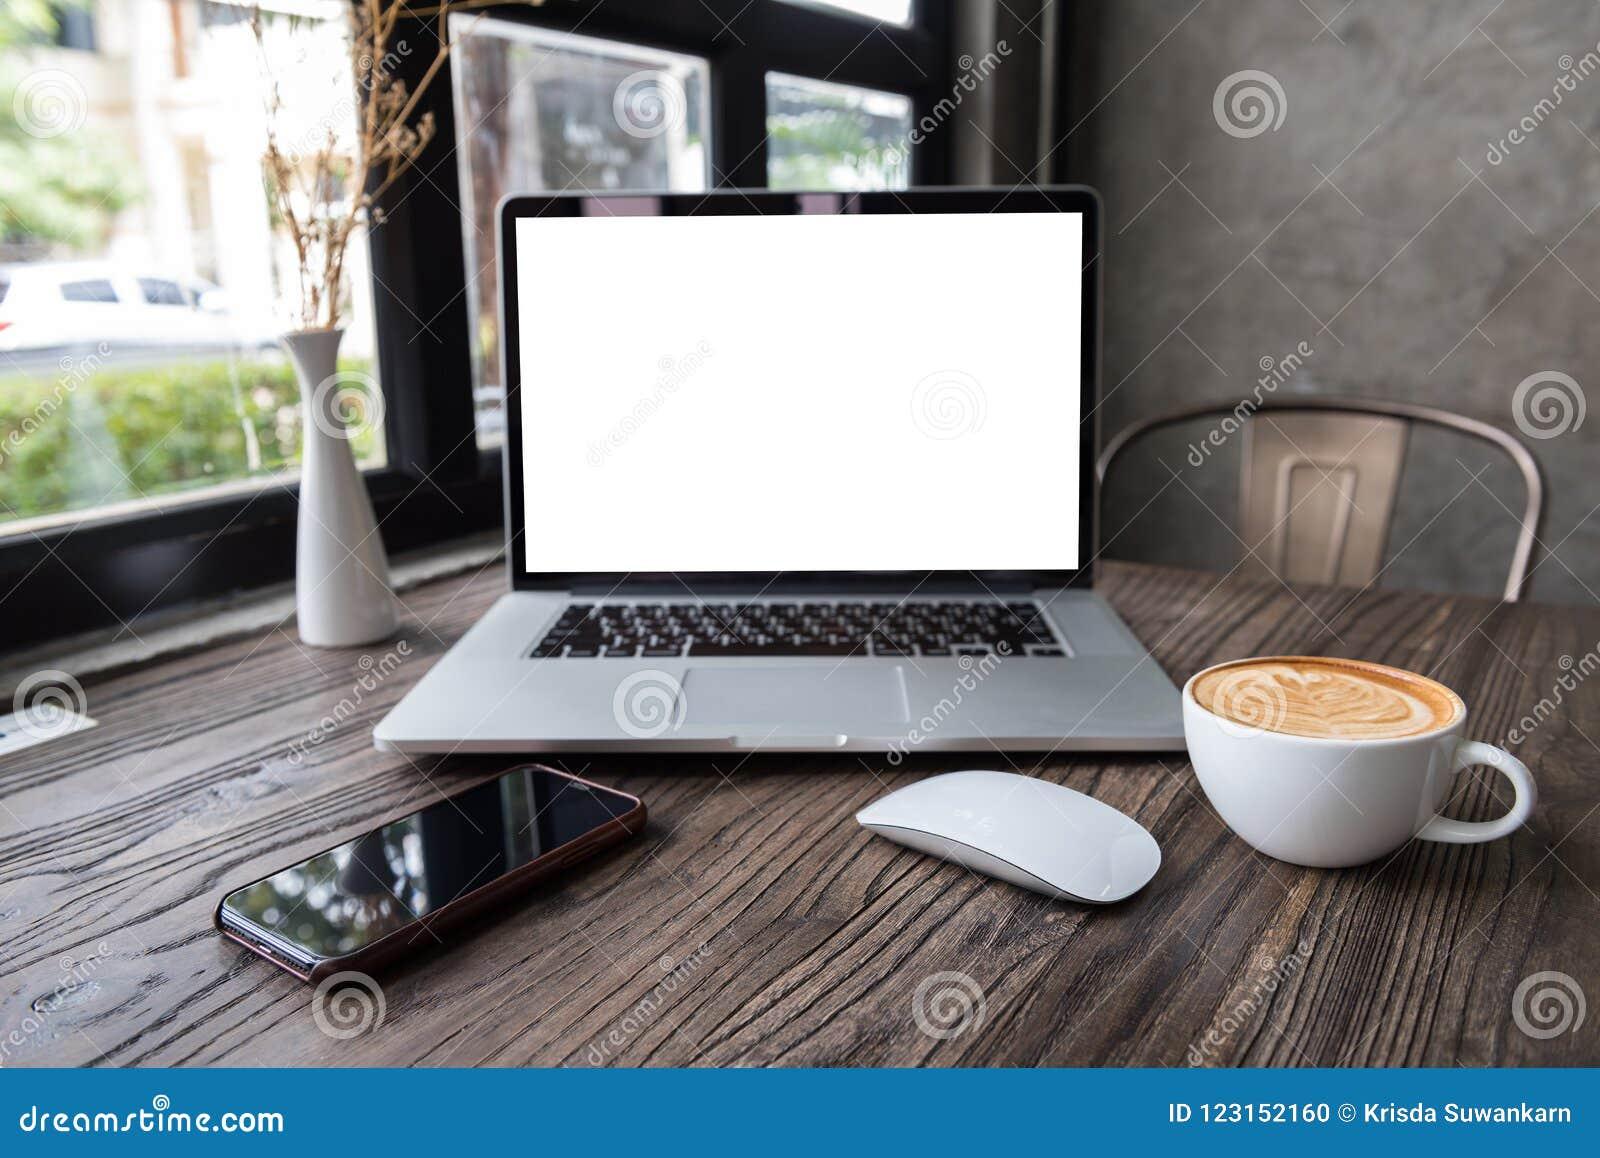 Κενός φορητός προσωπικός υπολογιστής οθόνης με το ποντίκι και το έξυπνο τηλέφωνο